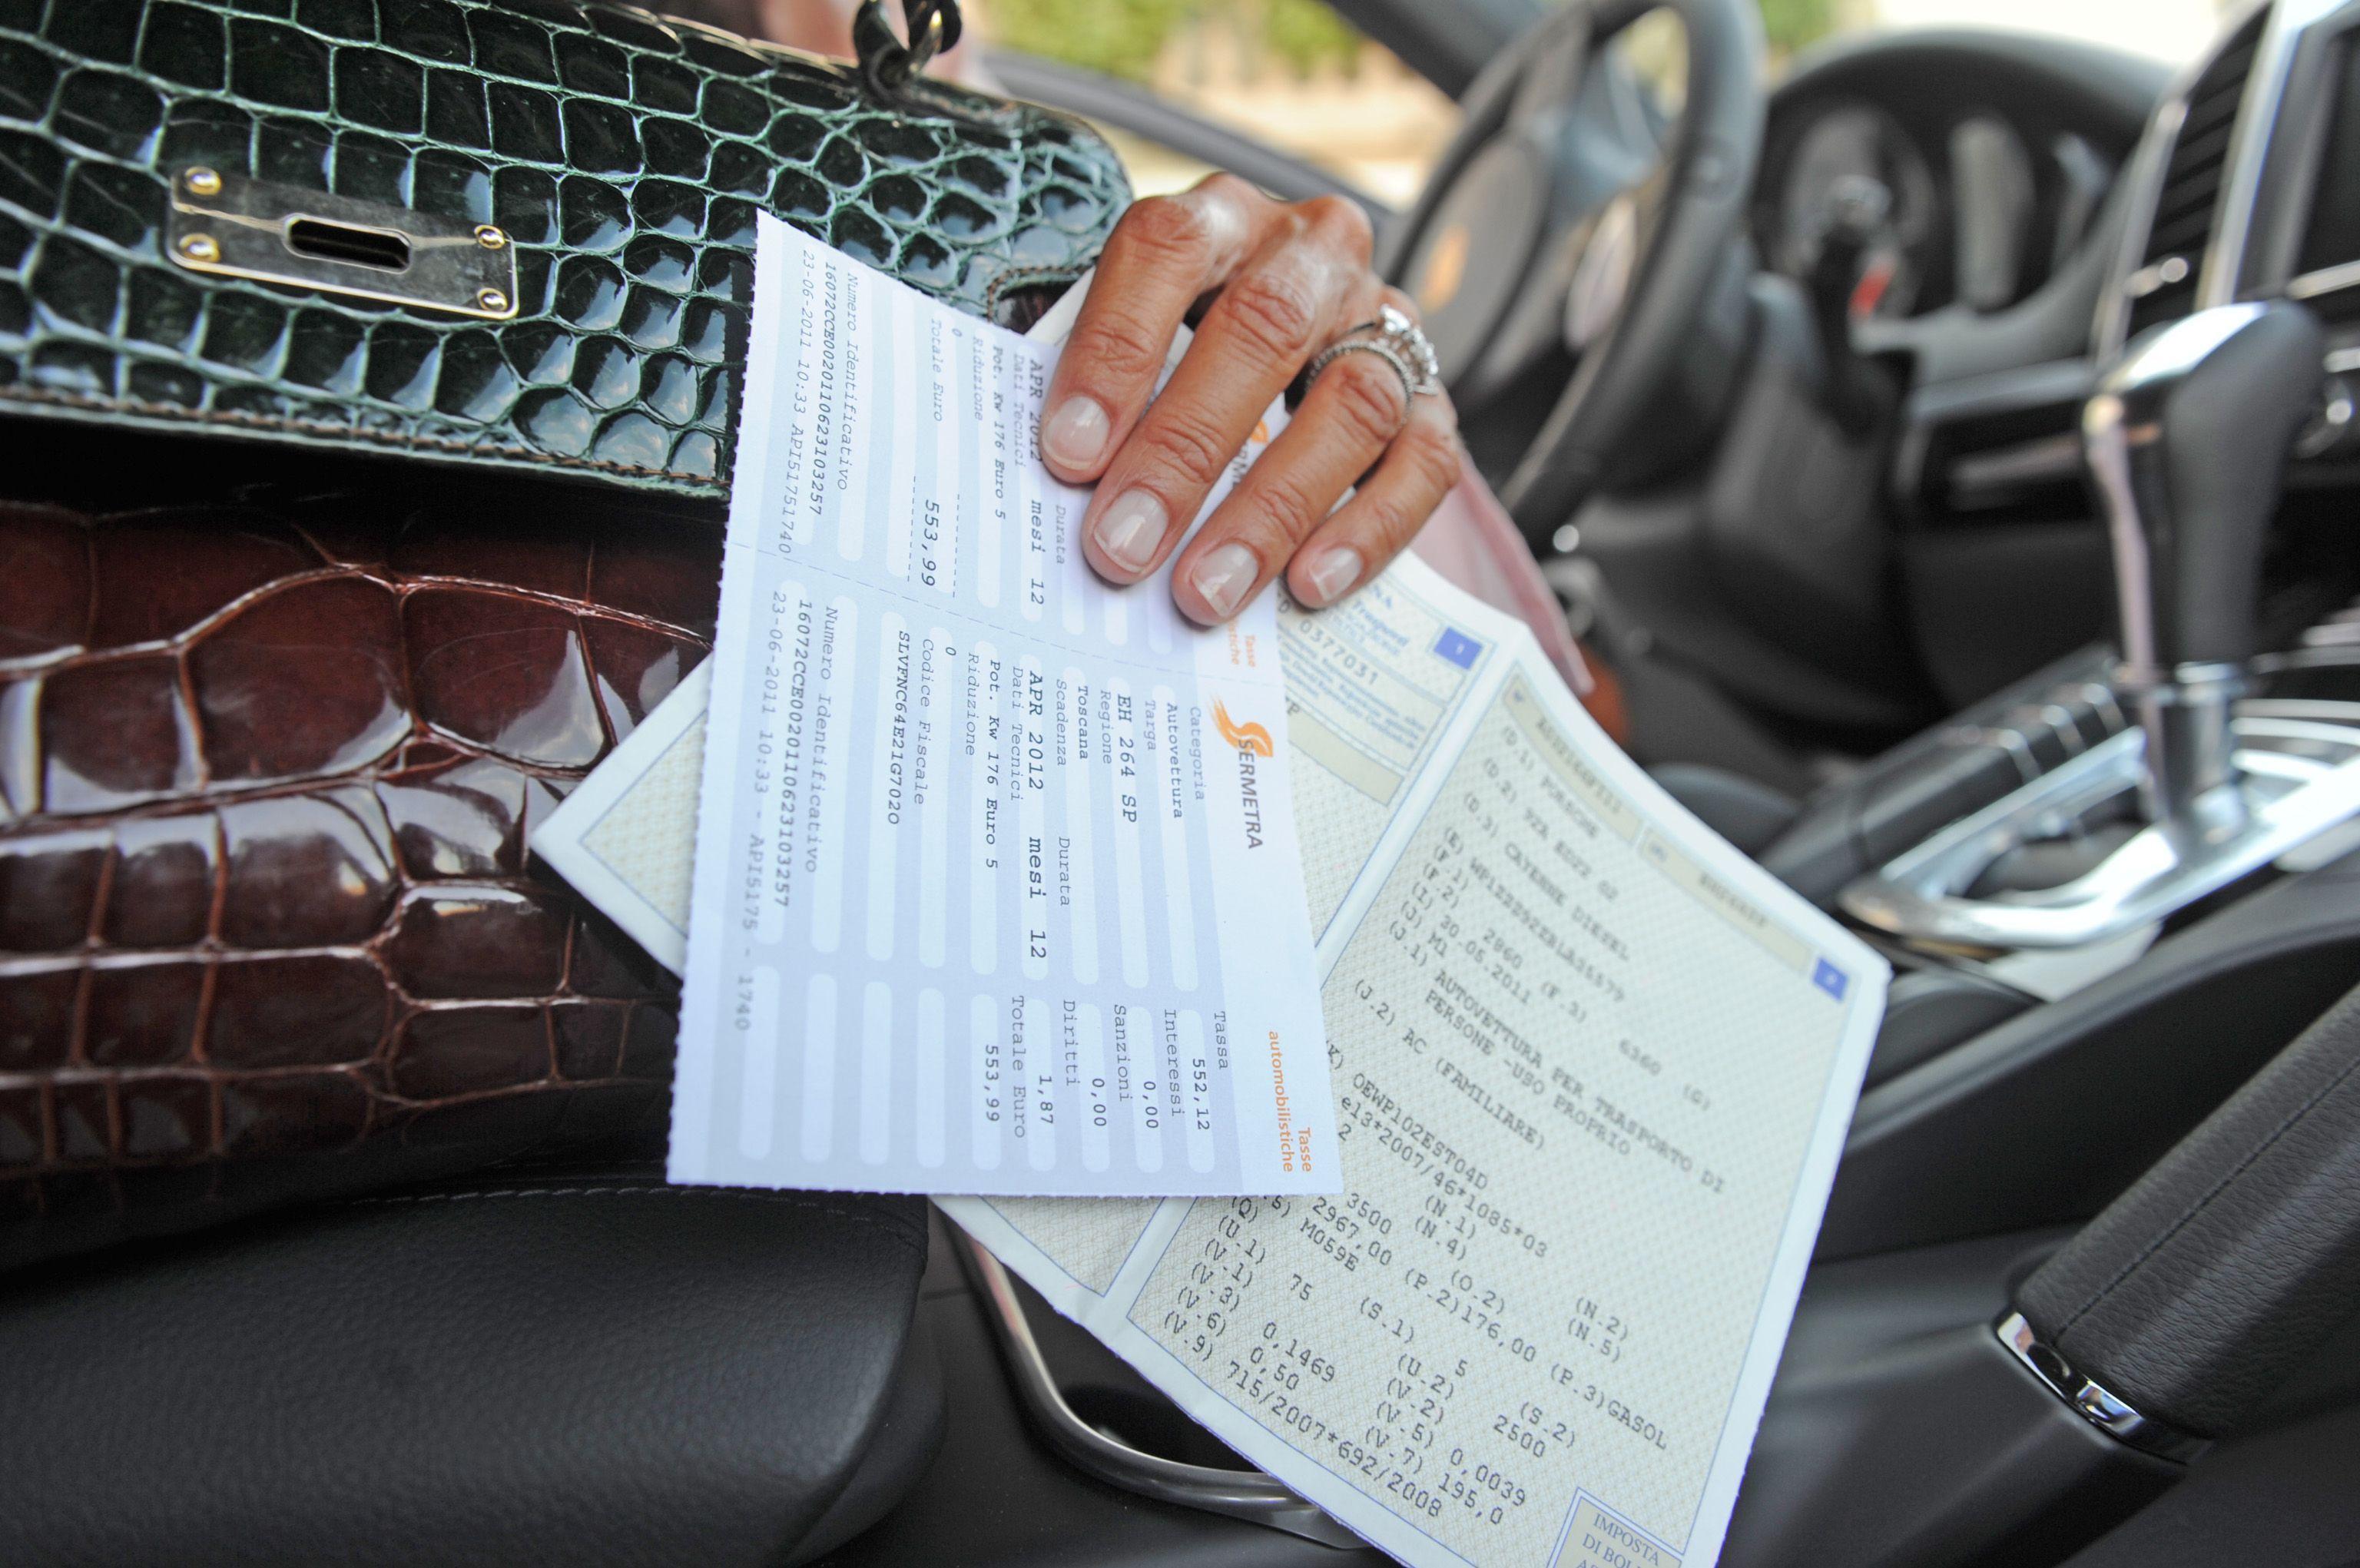 Bollo auto: calcolo, pagamento e scadenza della tassa automobilistica